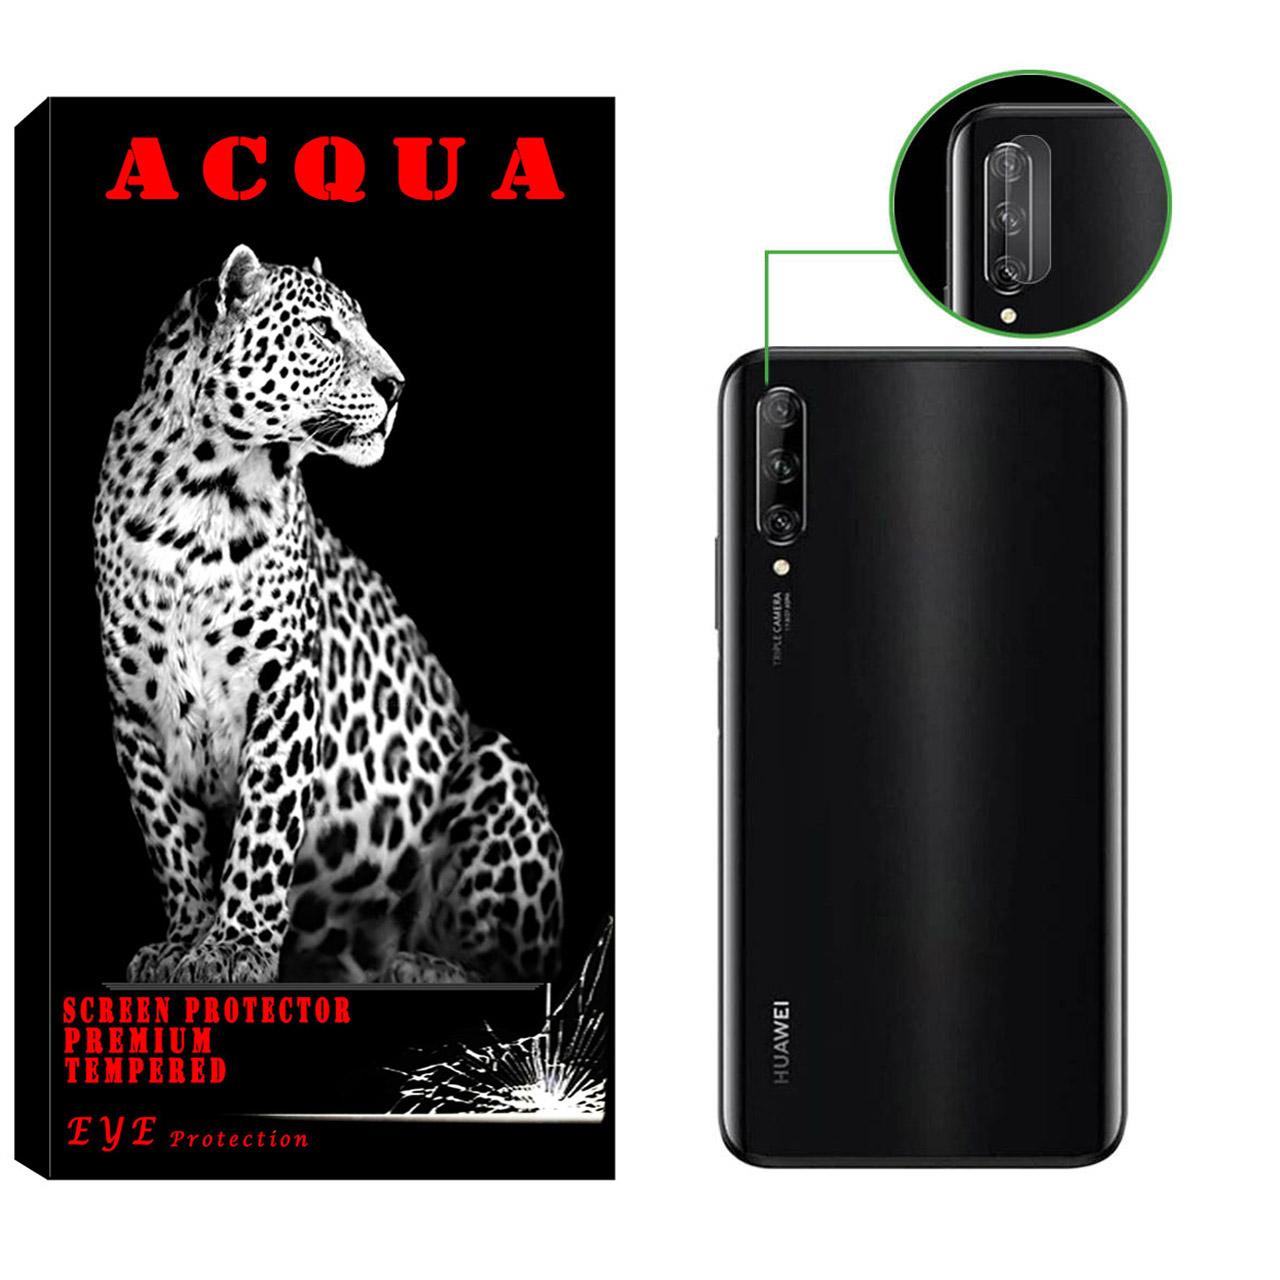 محافظ لنز دوربین آکوا مدل LN مناسب برای گوشی موبایل هوآوی Y9s